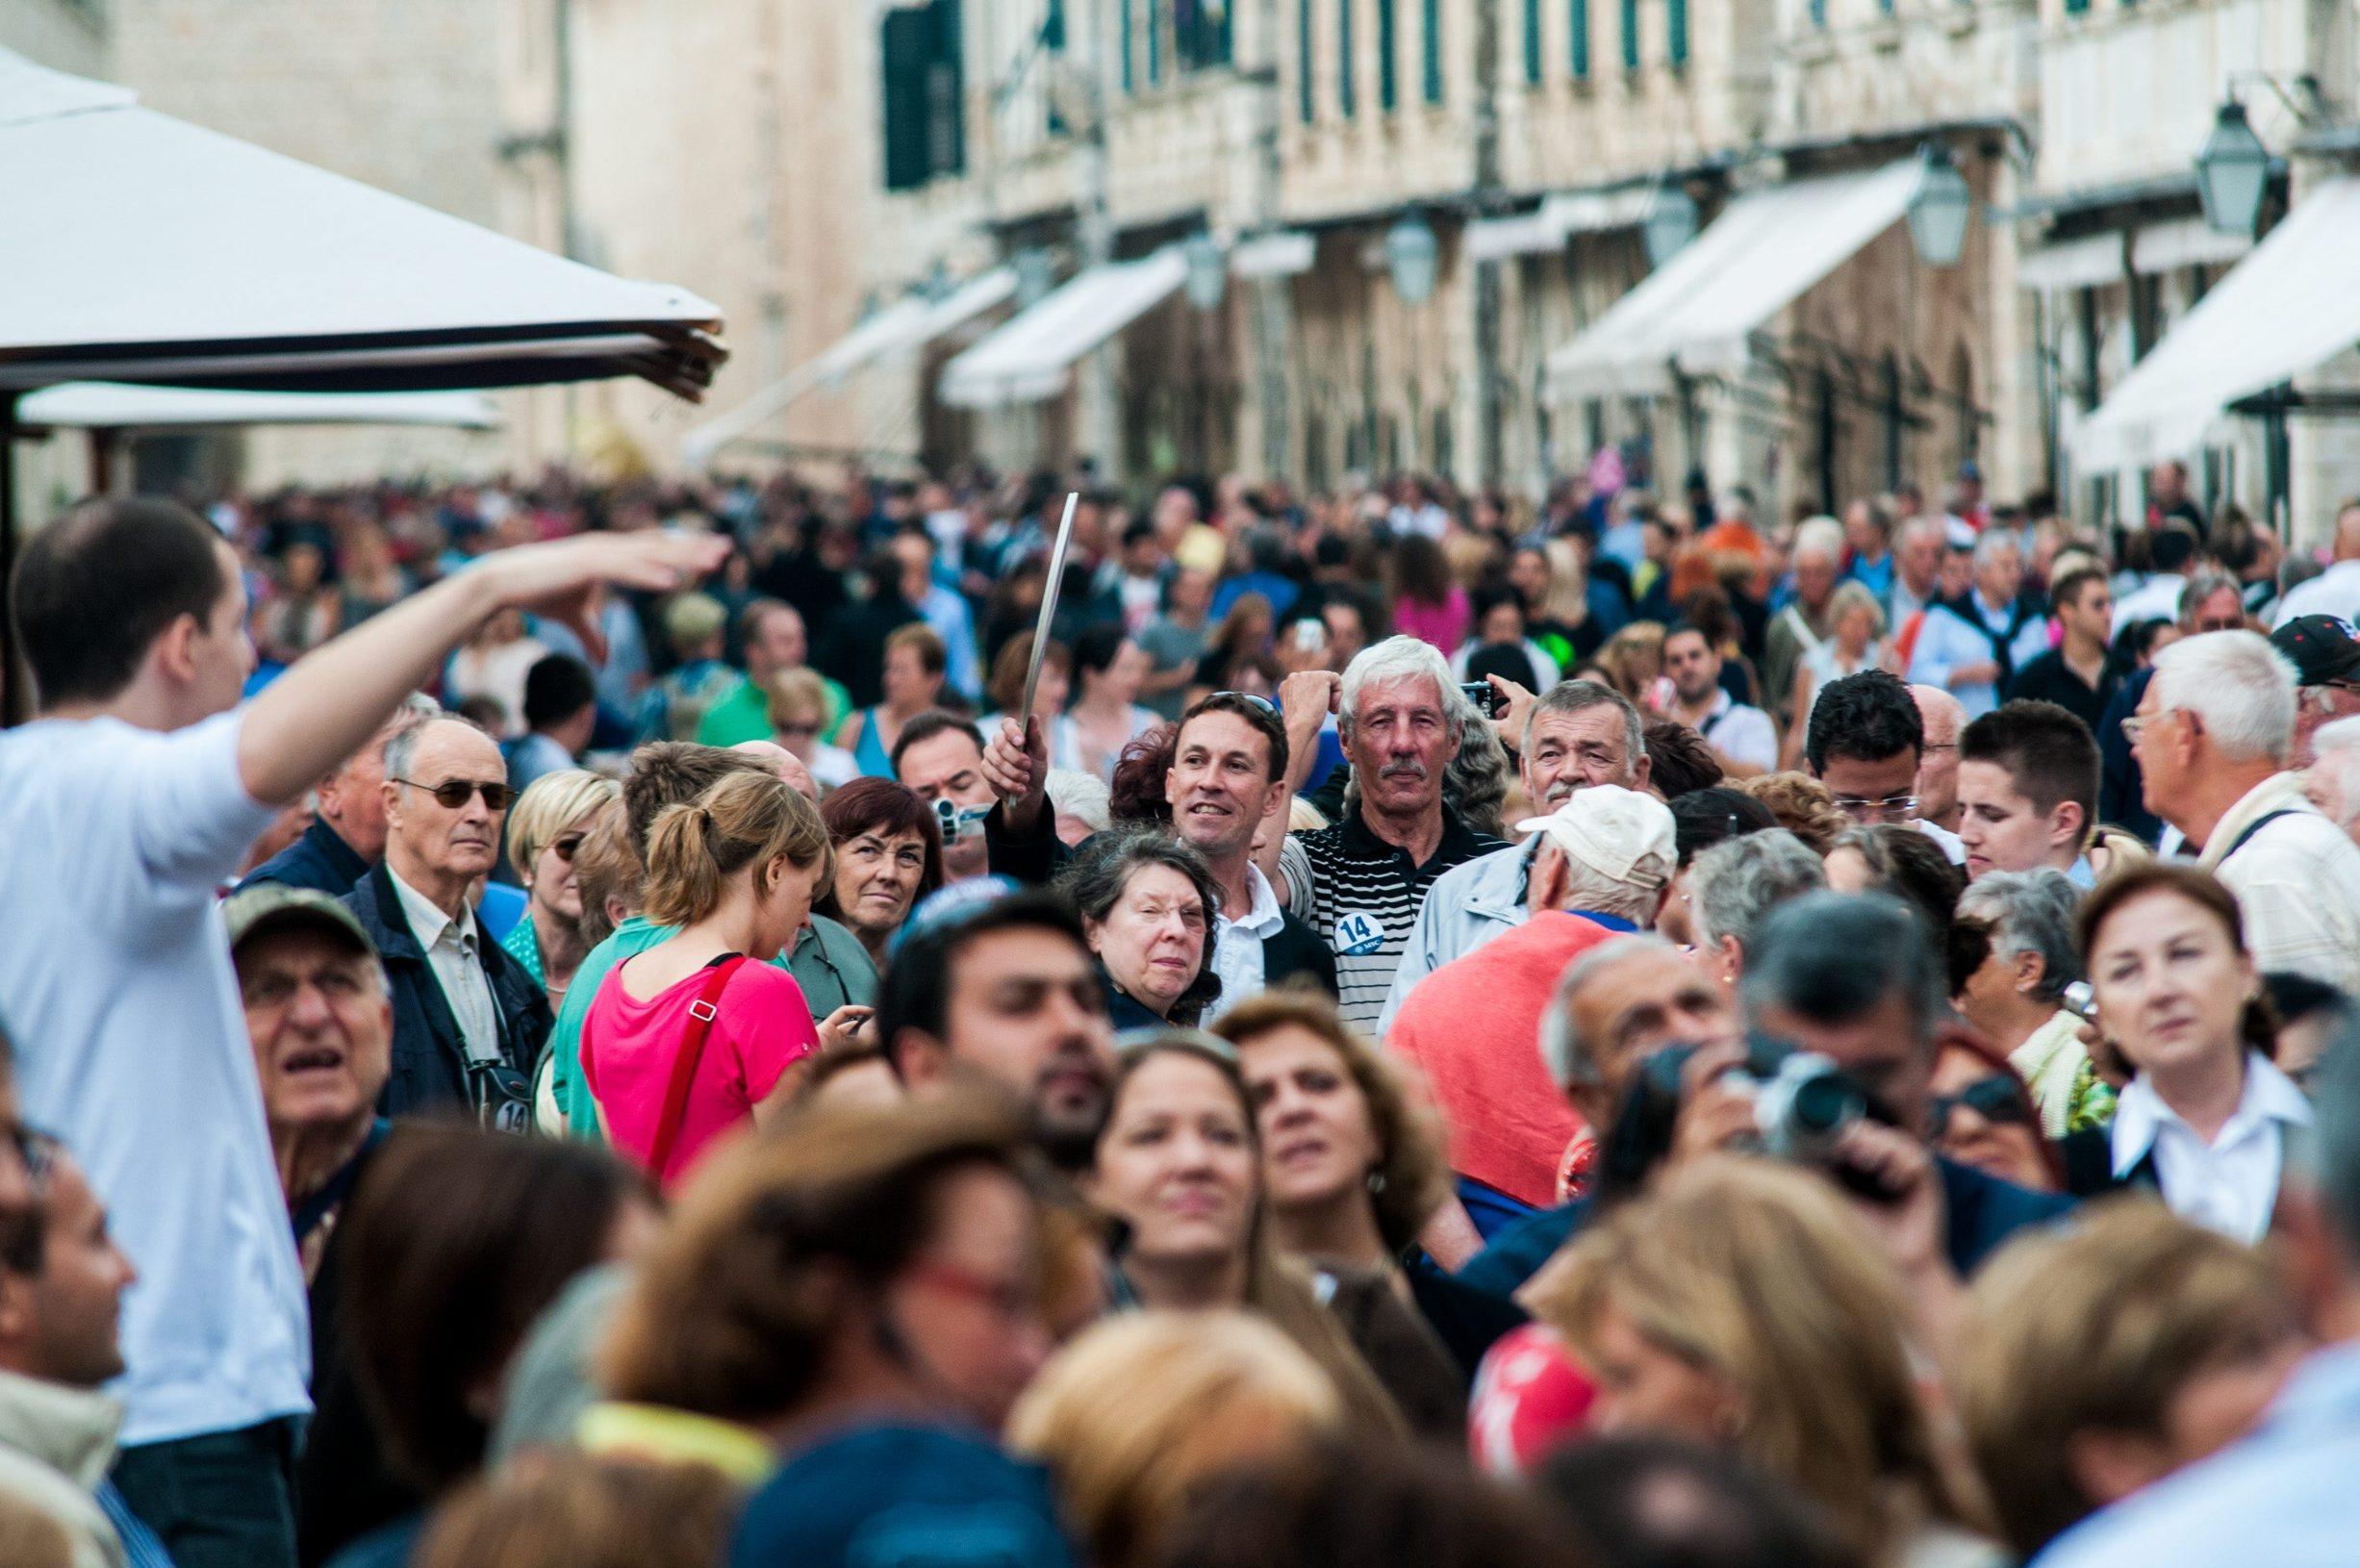 Velika gužva turista na Stradunu u Dubrovniku